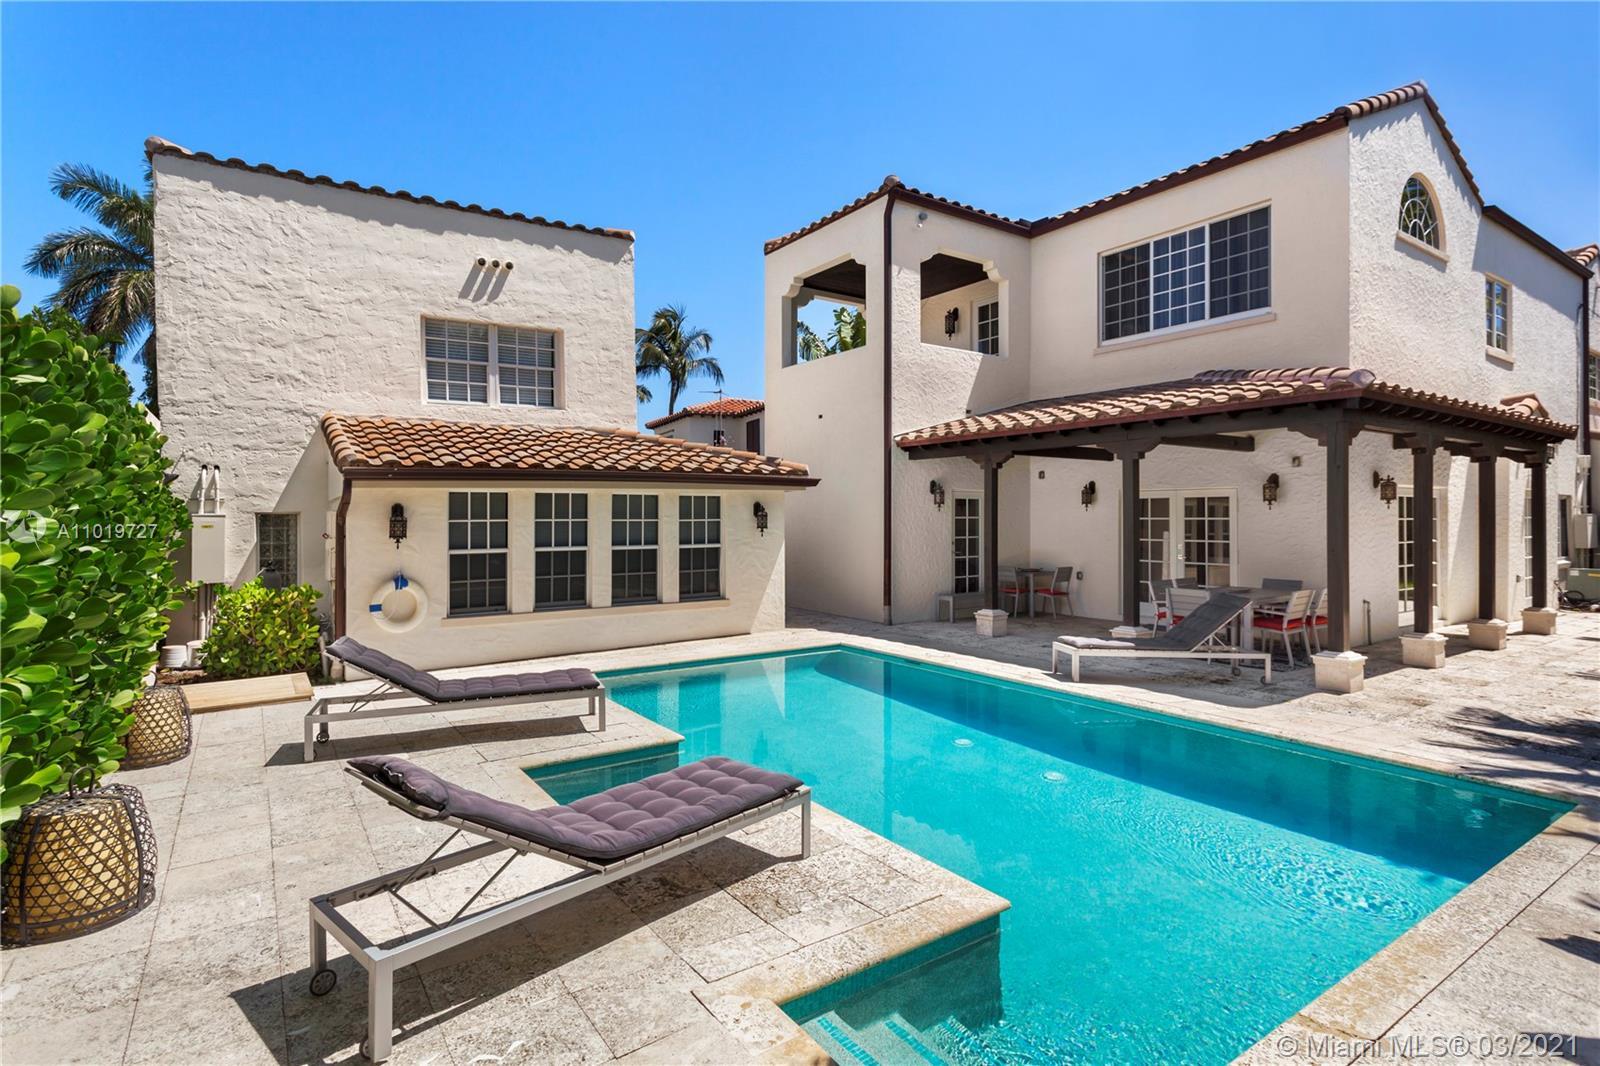 Sunset Lake - 2914 Alton Rd, Miami Beach, FL 33140